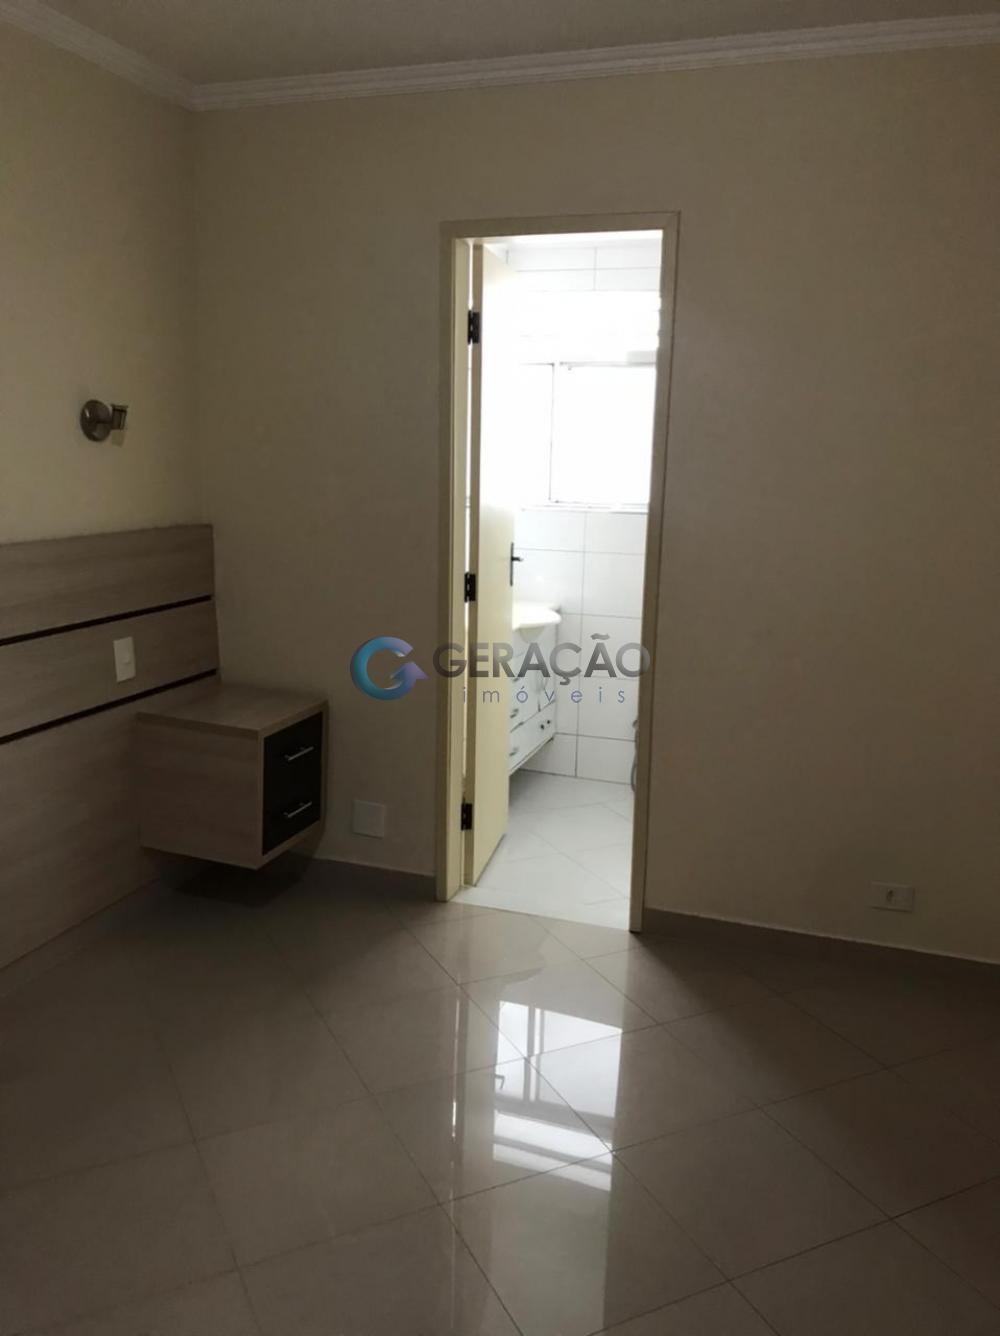 Comprar Apartamento / Padrão em São José dos Campos R$ 277.000,00 - Foto 8